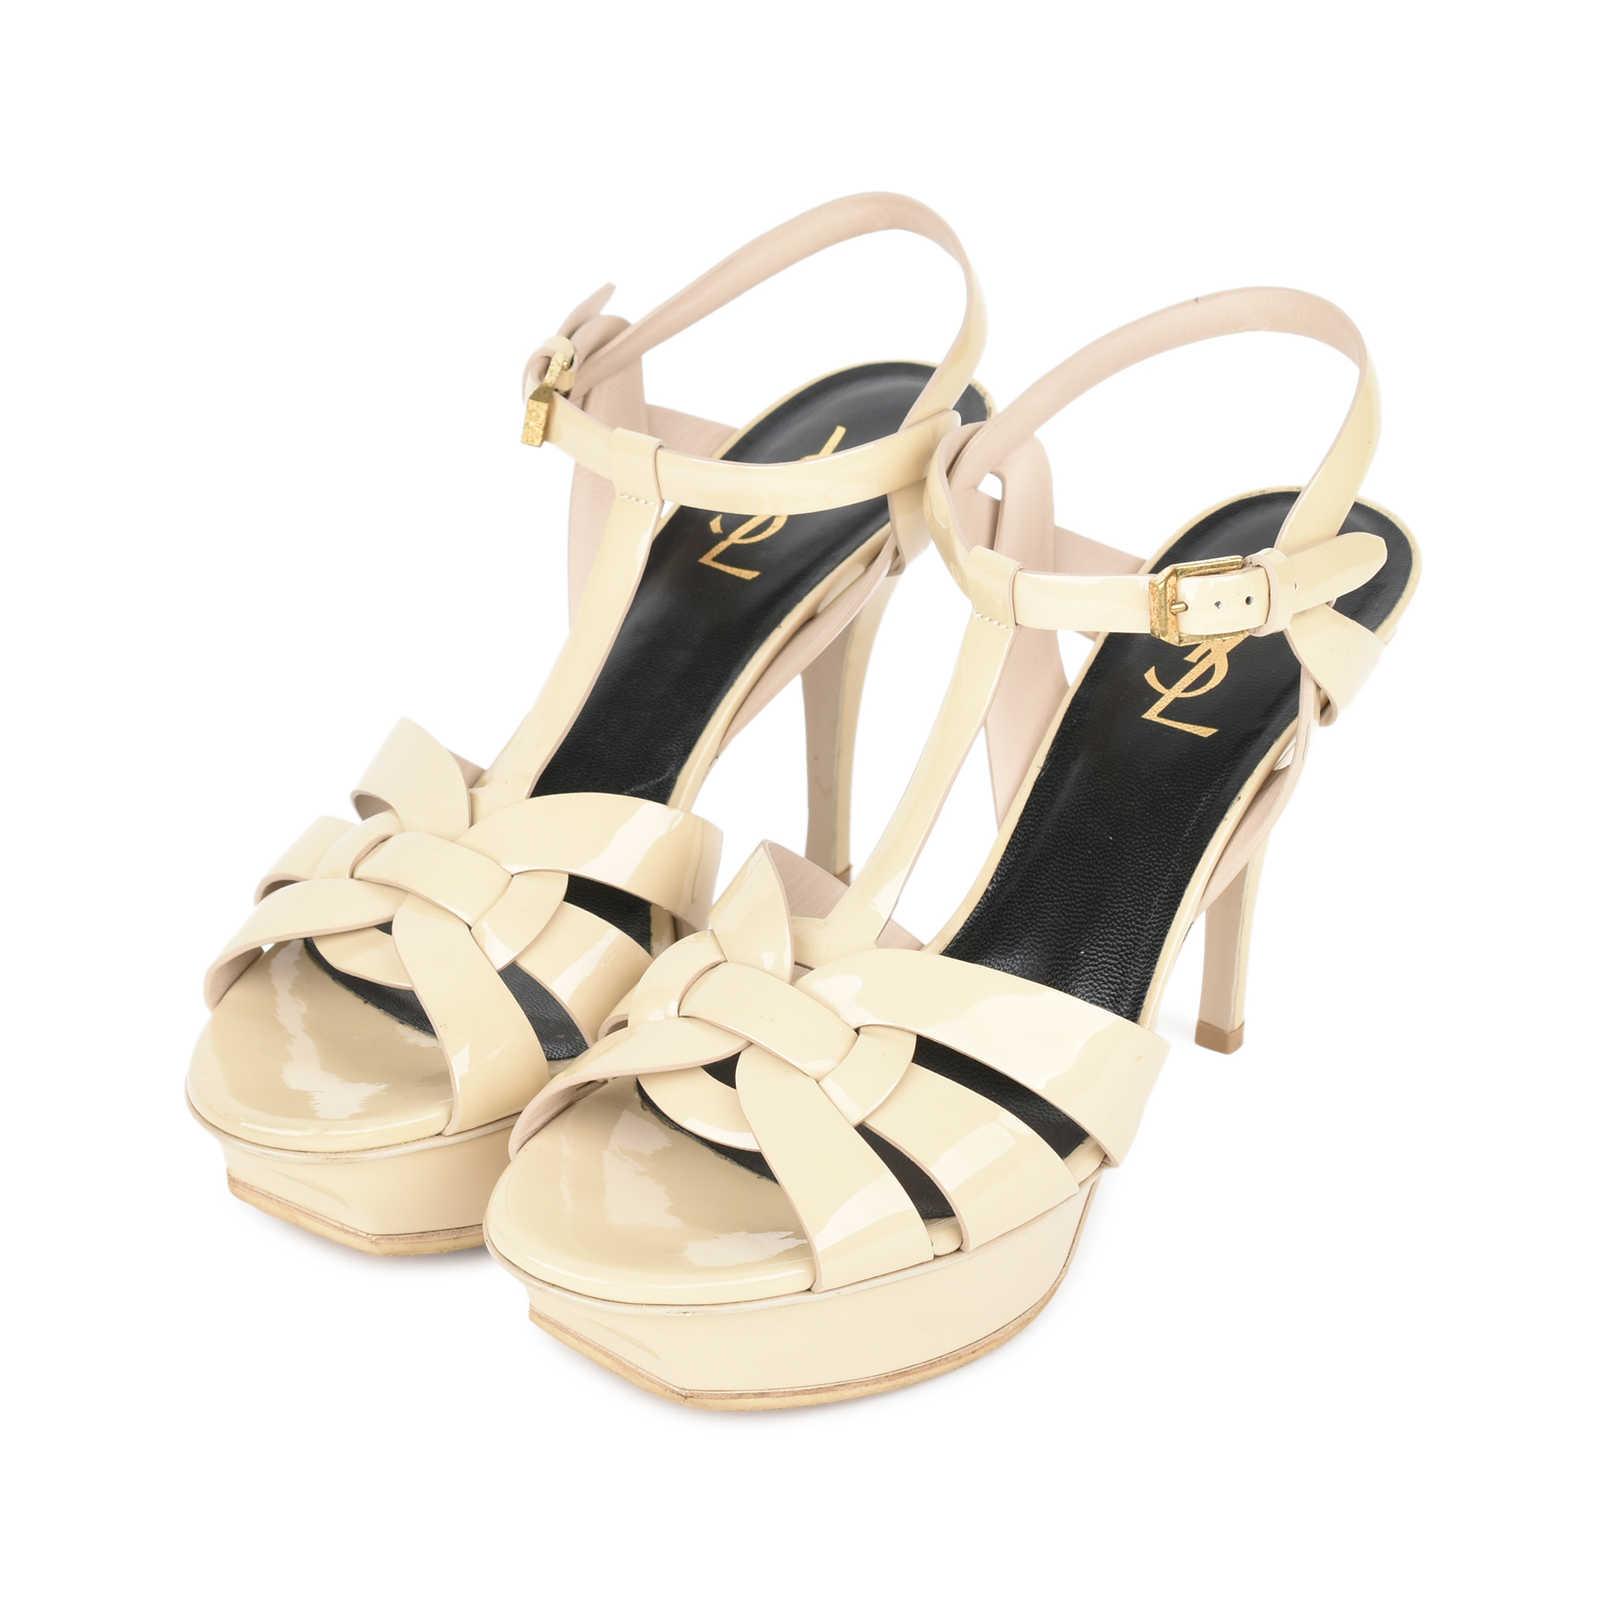 65e8a97422 ... Authentic Second Hand Saint Laurent Nude Patent Tribute Sandals  (PSS-532-00007) ...